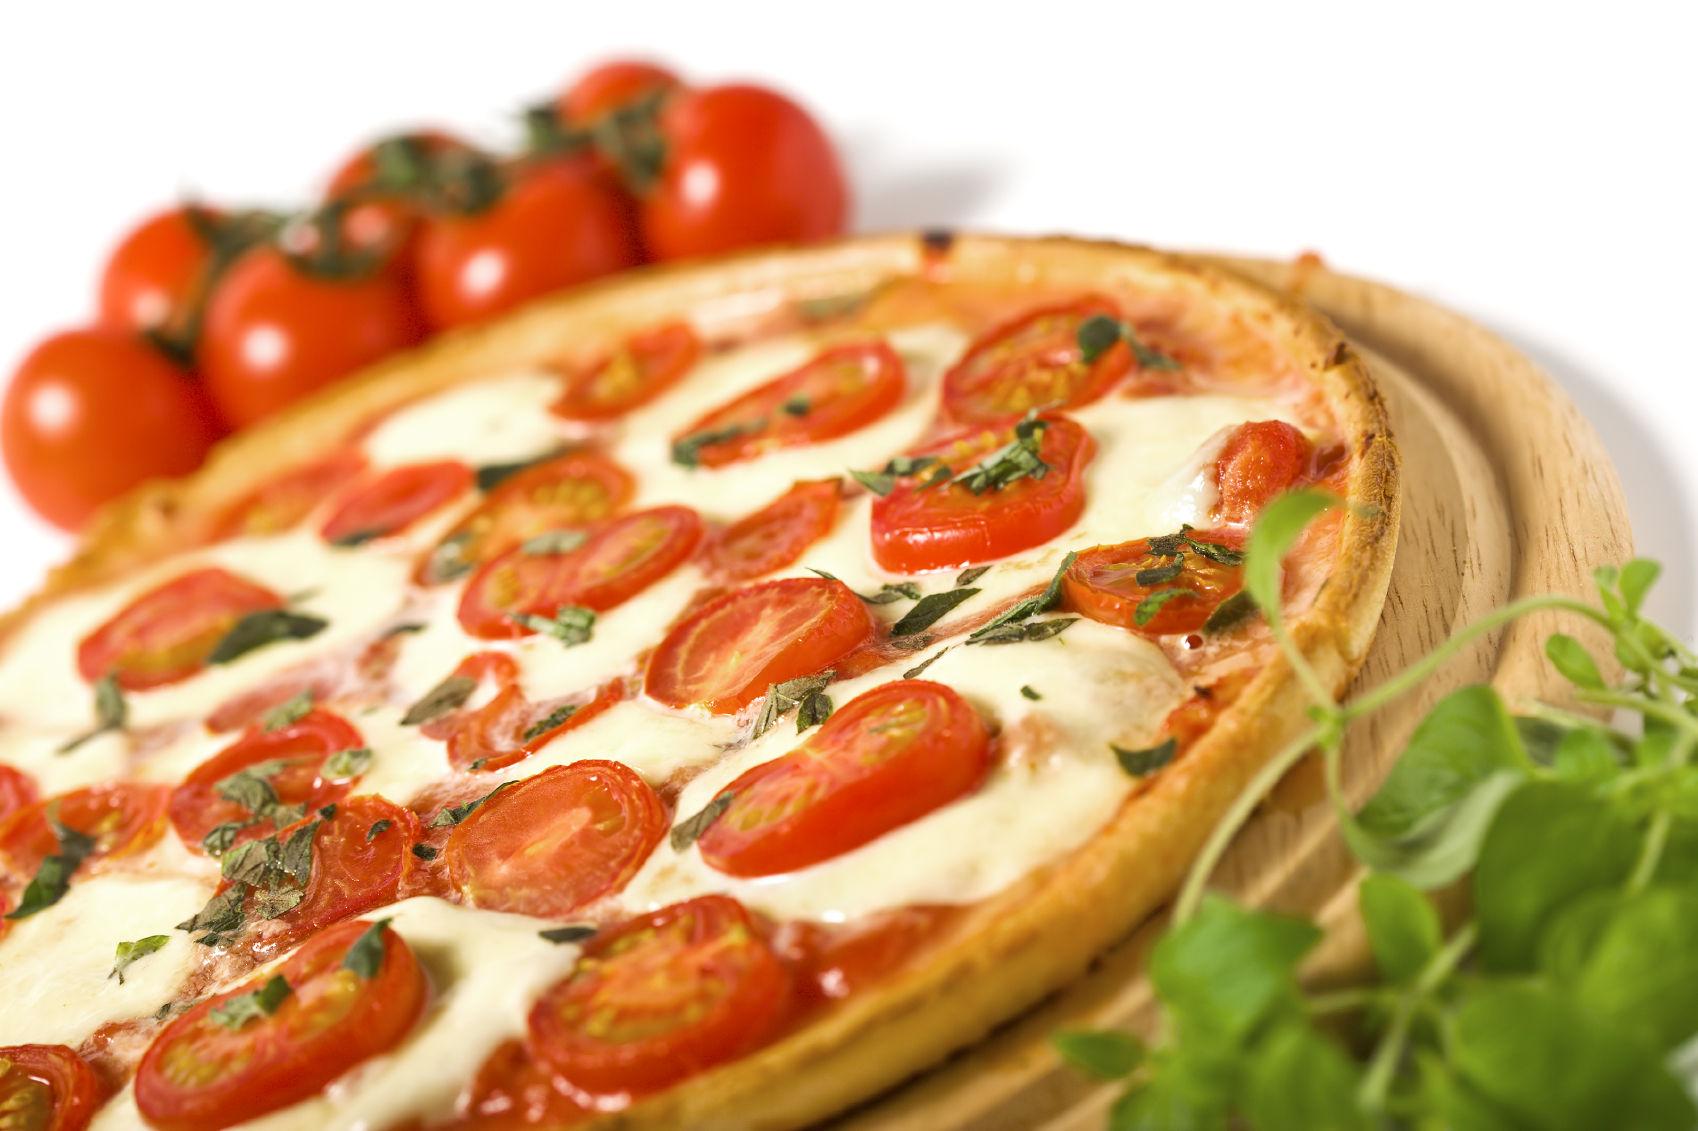 ミニトマトがかわいいし美味しそうなピザ